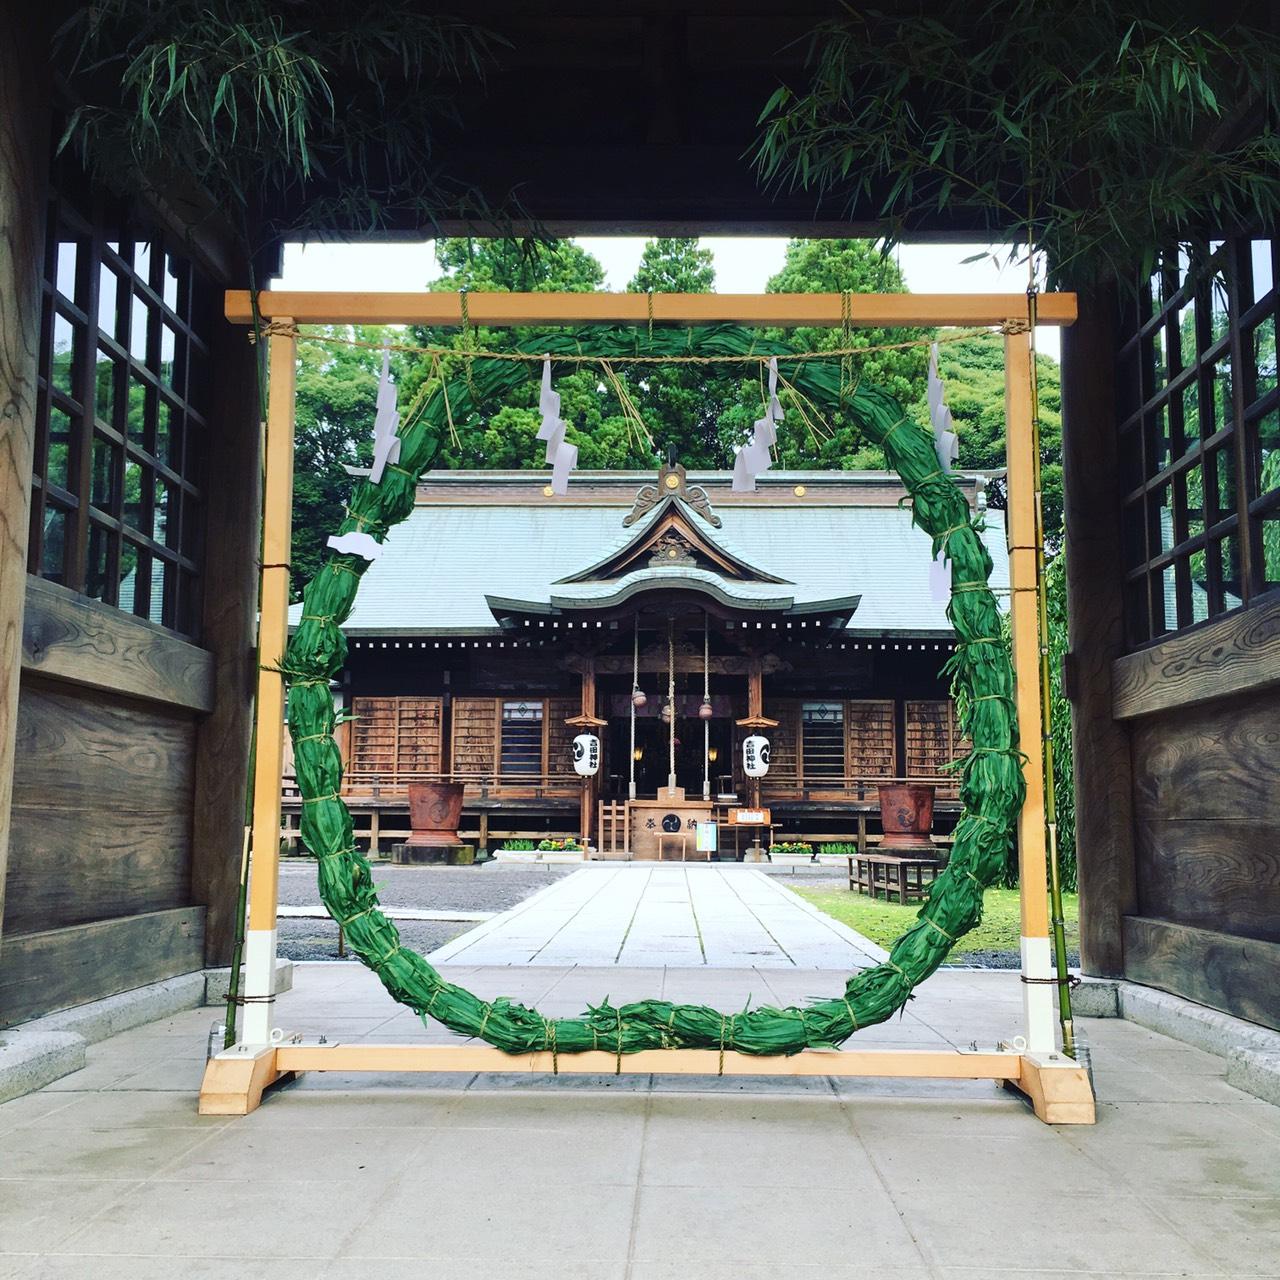 2018年(平成30年)7月 夏越の大祓式